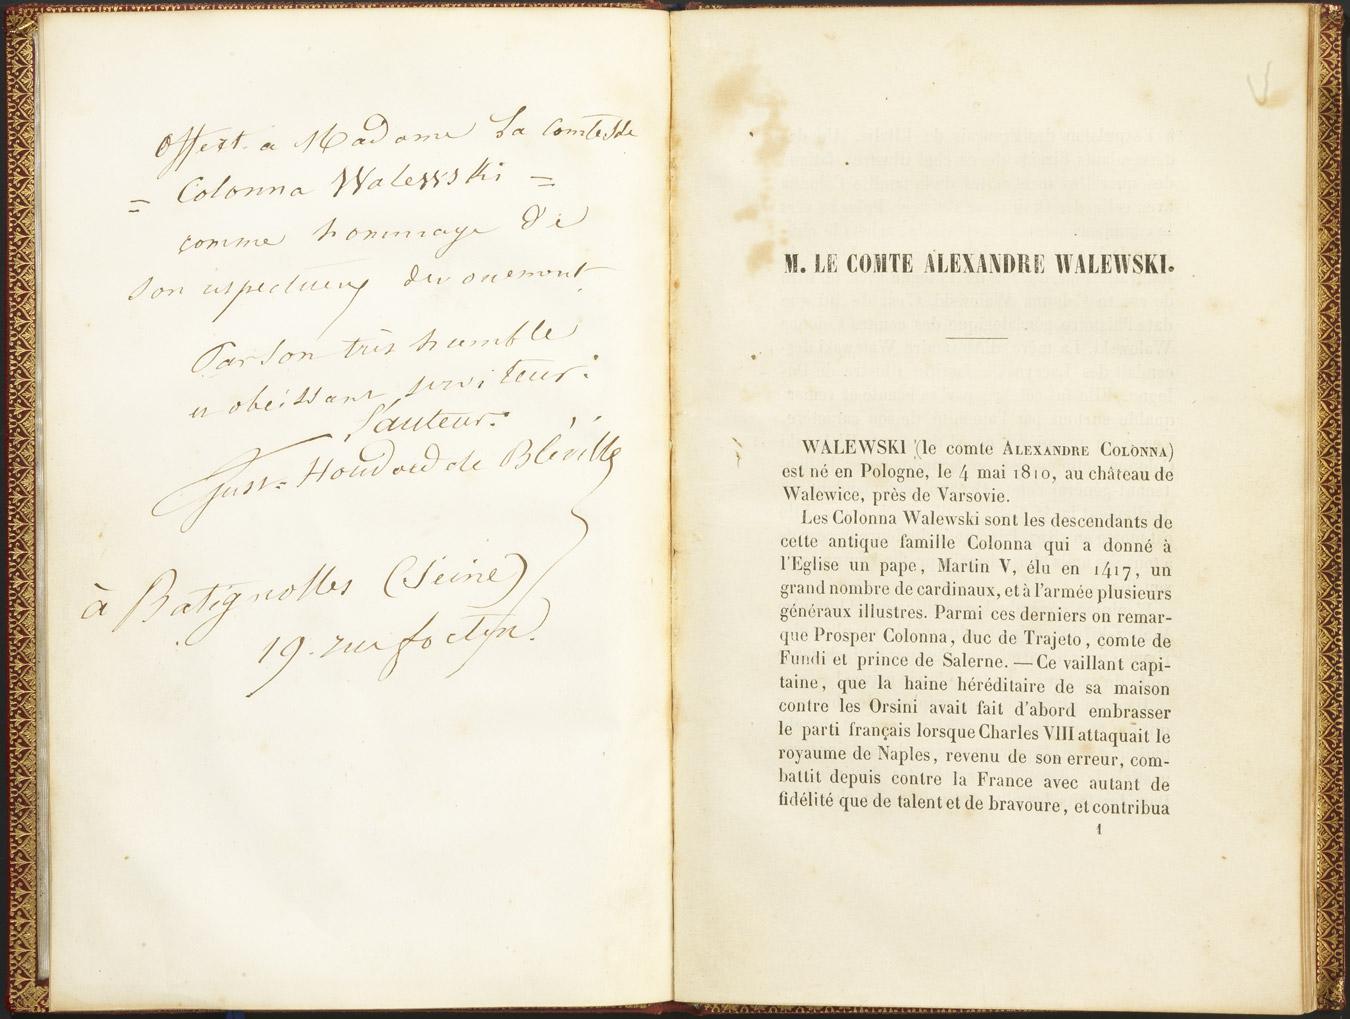 Livre sur Alexandre Walewski - Patrimoine Charles-André COLONNA WALEWSKI, en ligne directe de Napoléon